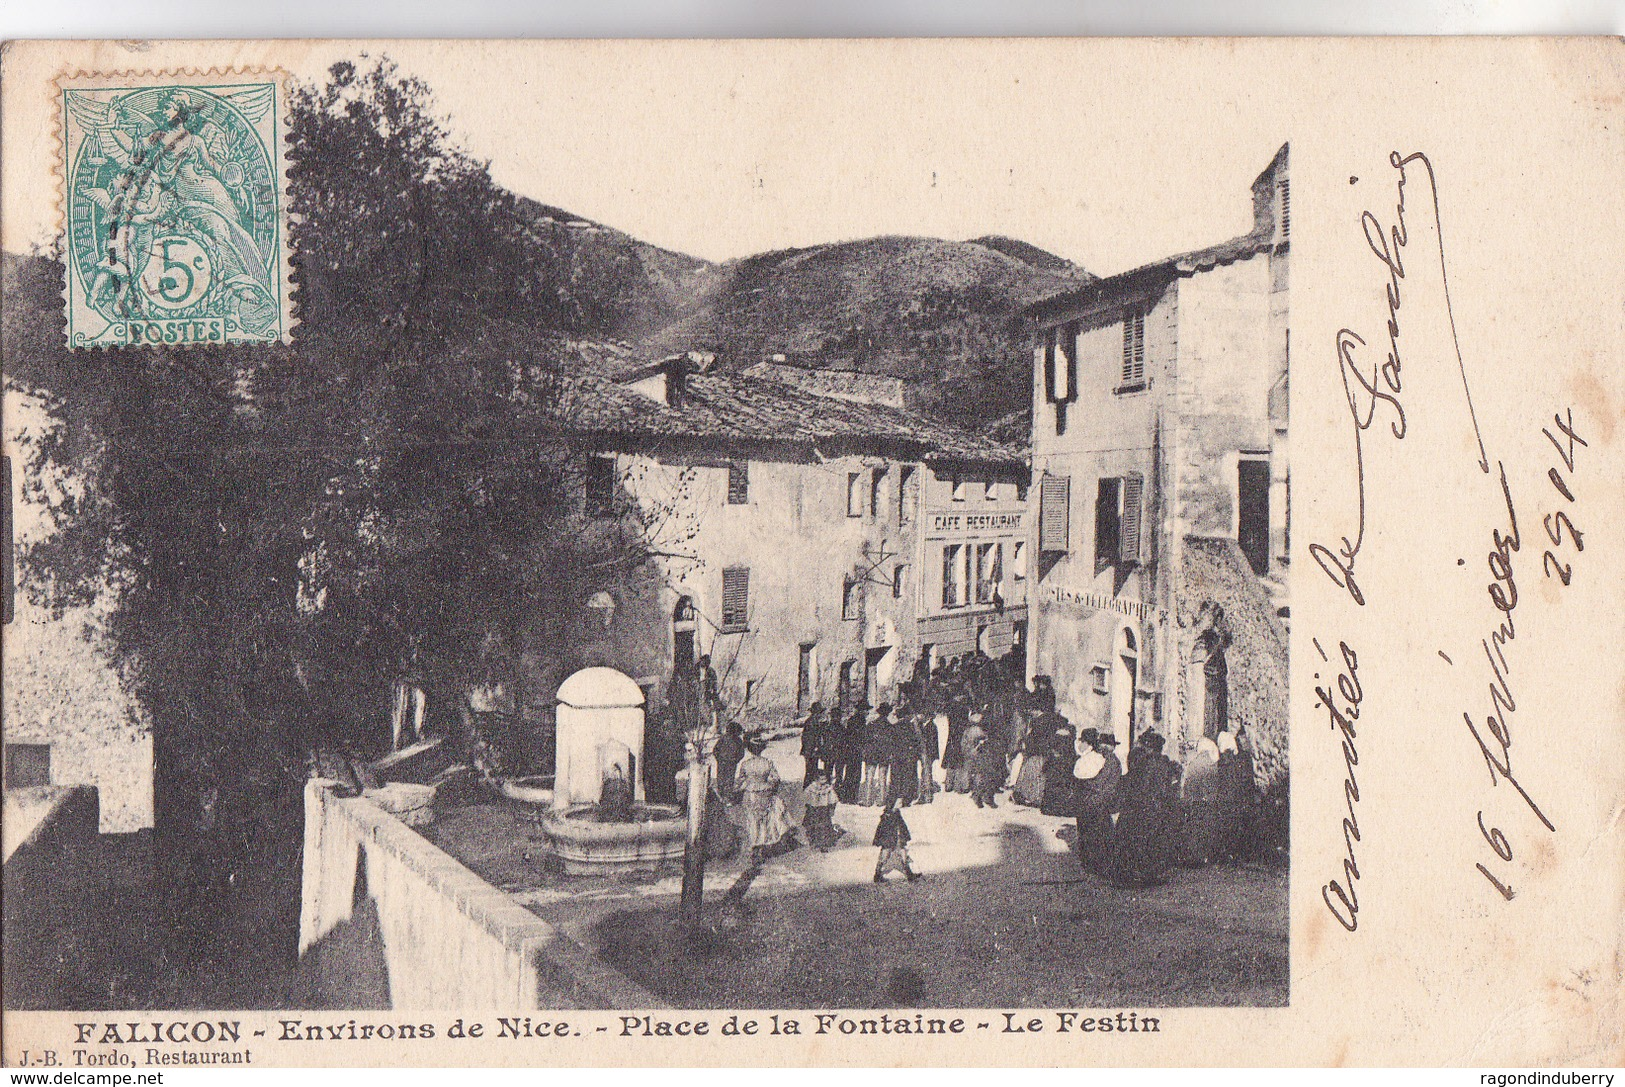 CPA - 06 - FALICON (Environs De NICE) - Place De La Fontaine - LE FESTIN - 1904 - Edit J.B.TORDO Restaurant - Frankreich